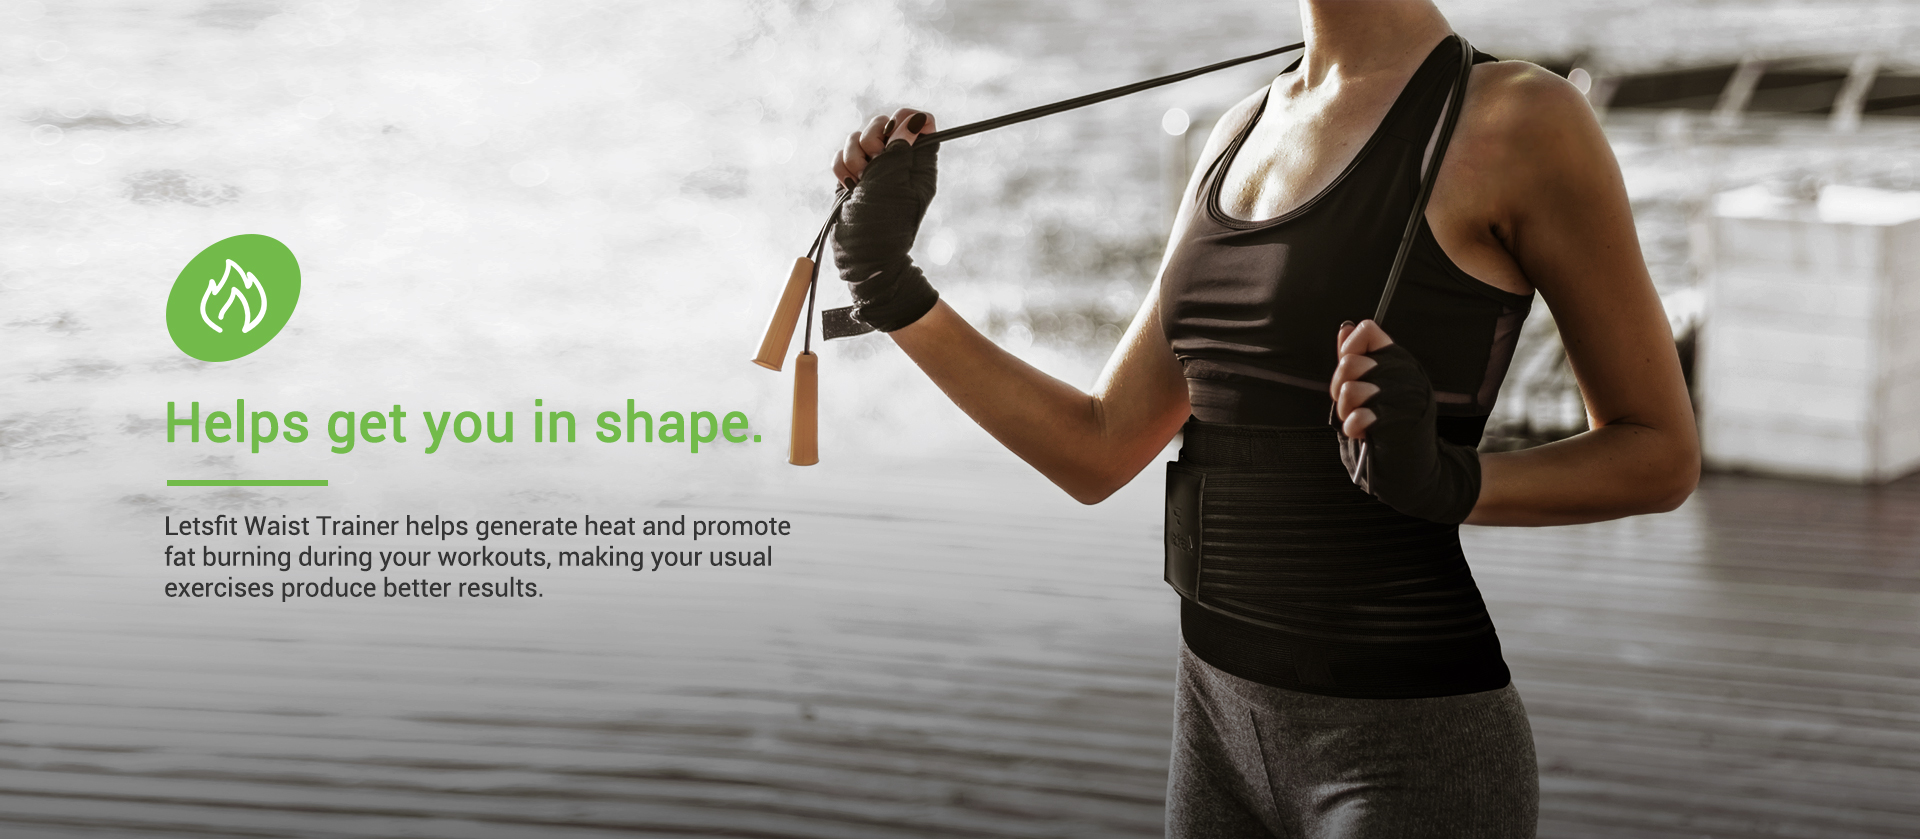 waist trimmer trainer body shaper